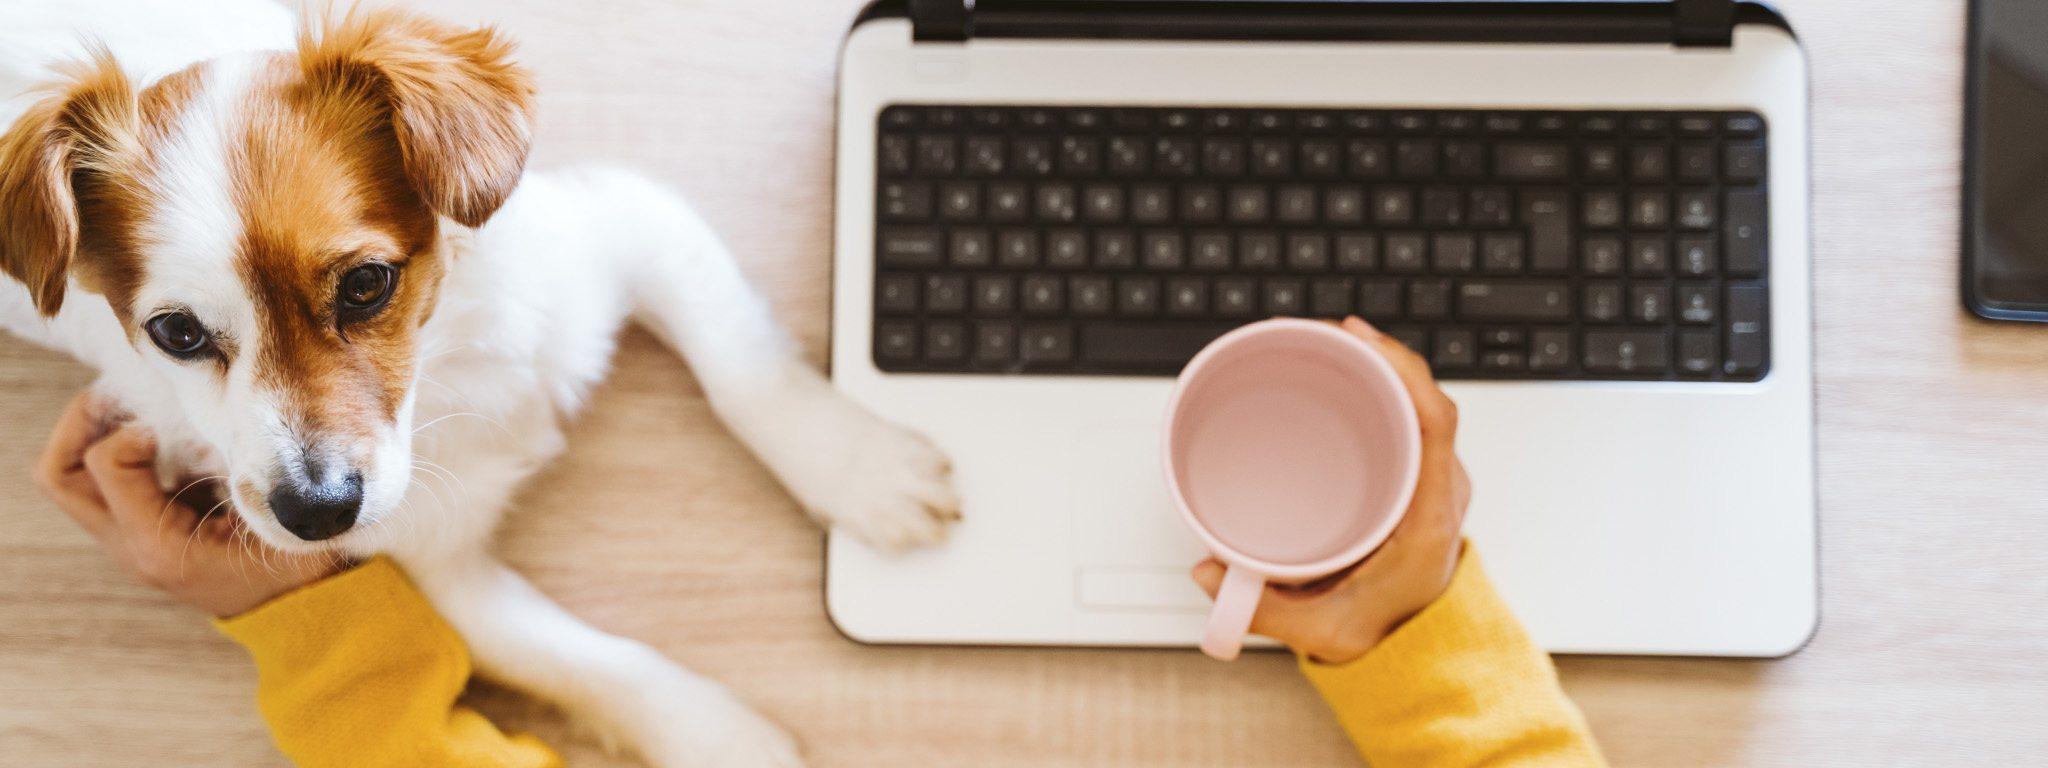 Widok od góry osoby pracującej przy laptopie, trzymającej w dłoni kubek i głaszczącej psa